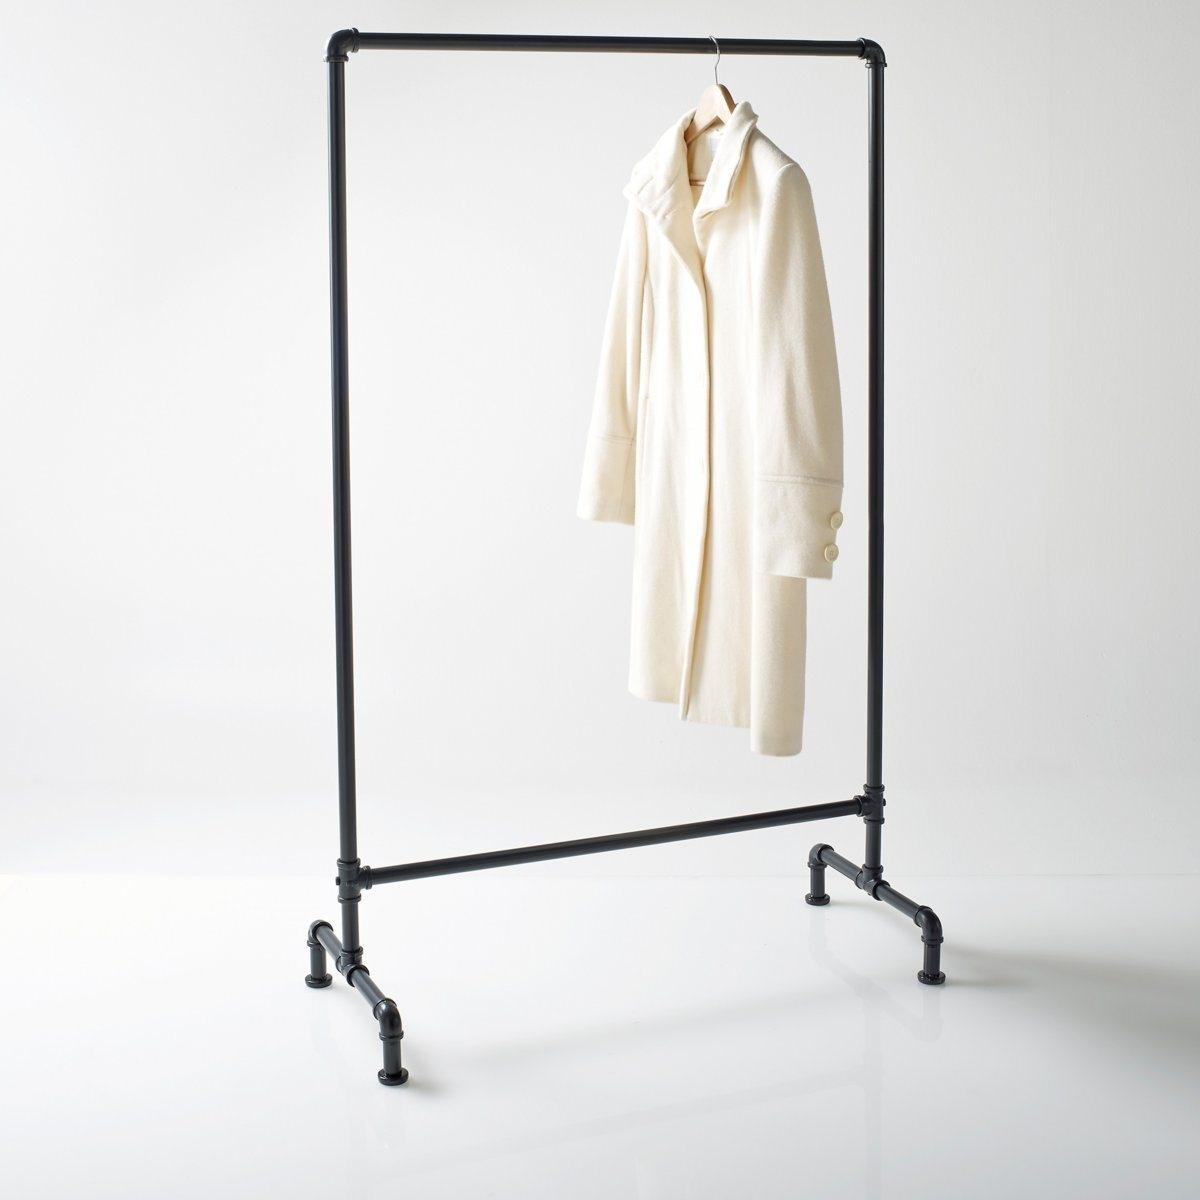 Вешалка в стиле хай-тэкХарактеристики вешалки:1 перекладина.Металлические подвесы.Размеры вешкалки:Ширина: 92,5 смВысота: 151,2 см Глубина: 42,5 см.<br><br>Цвет: белый,латунь,черный<br>Размер: единый размер